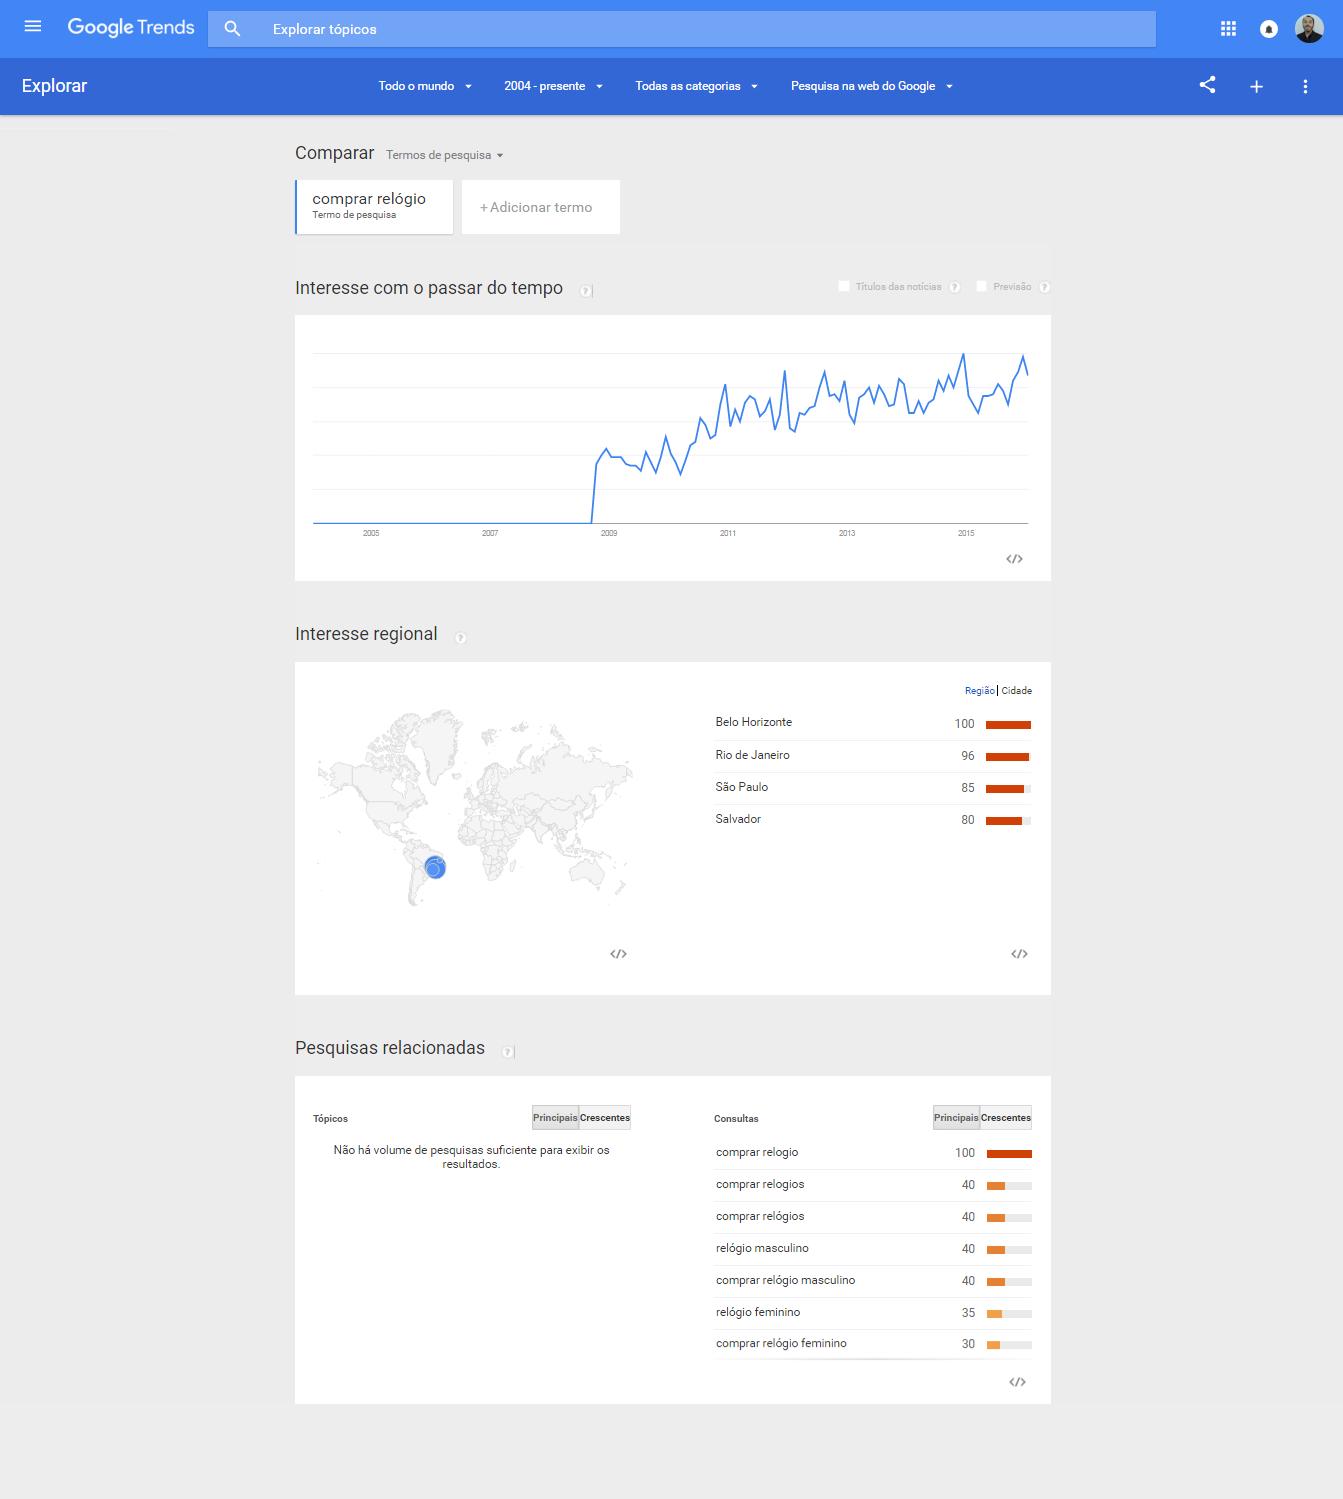 Como produzir conteúdo de qualidade para lojas virtuais - Google Trends